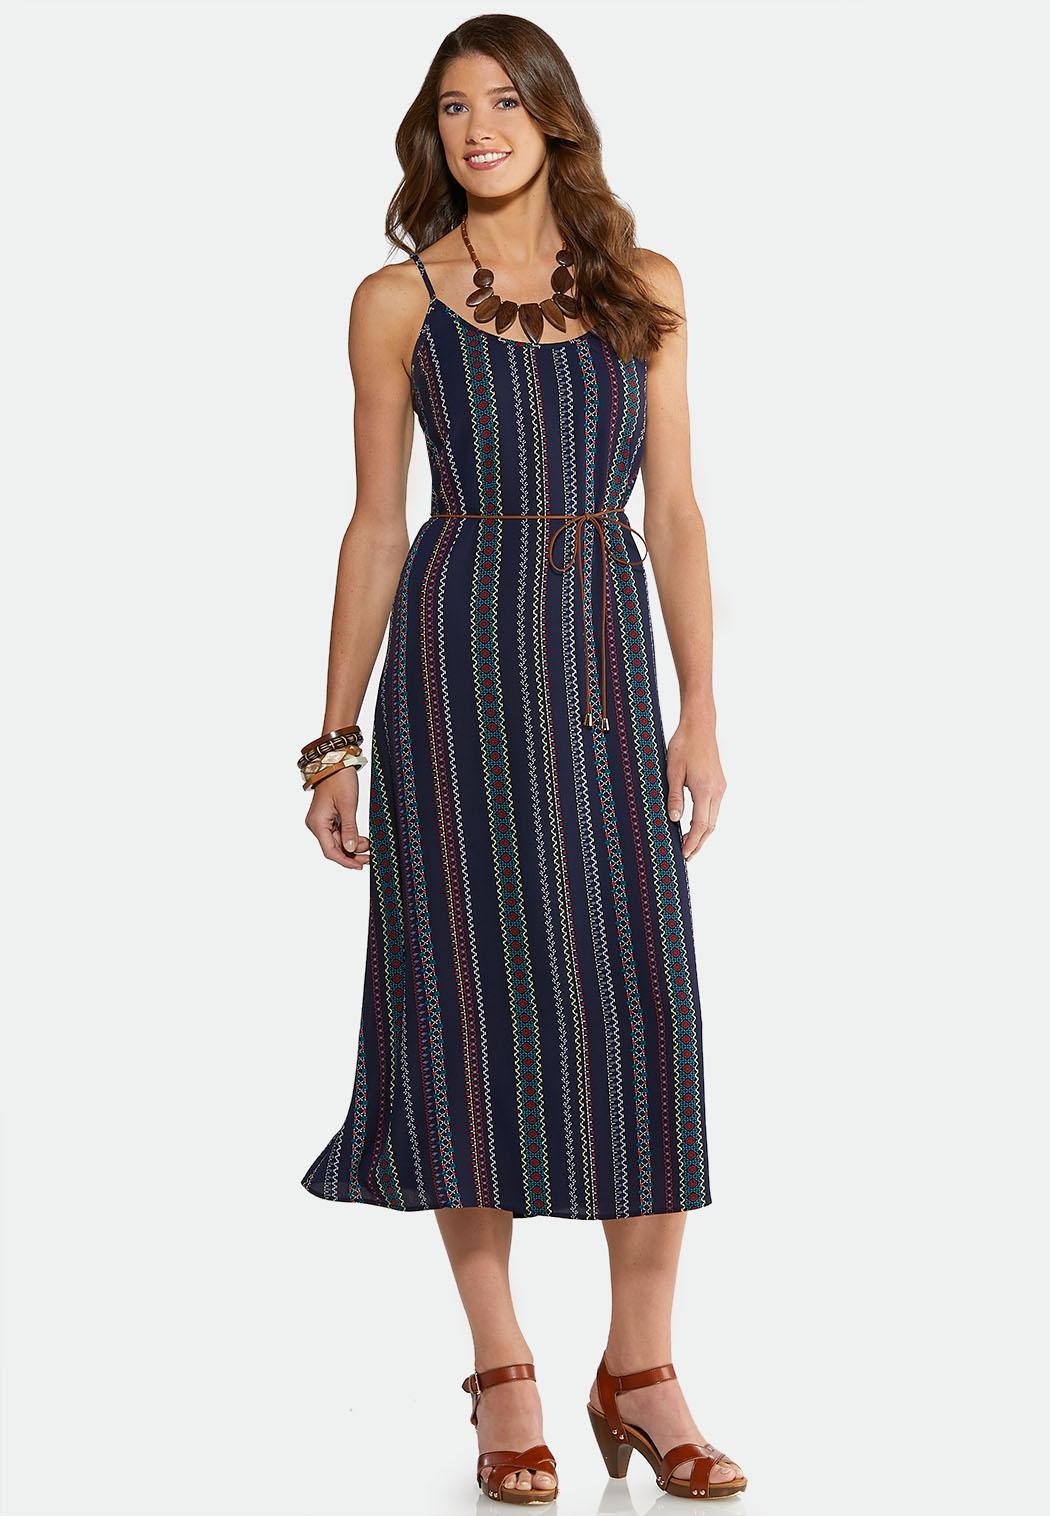 21dd136dde75 Women's Dresses sizes 2-28 - Spring Dresses, Bell Sleeve Dresses, Long  Sleeve Swing Dresses & More